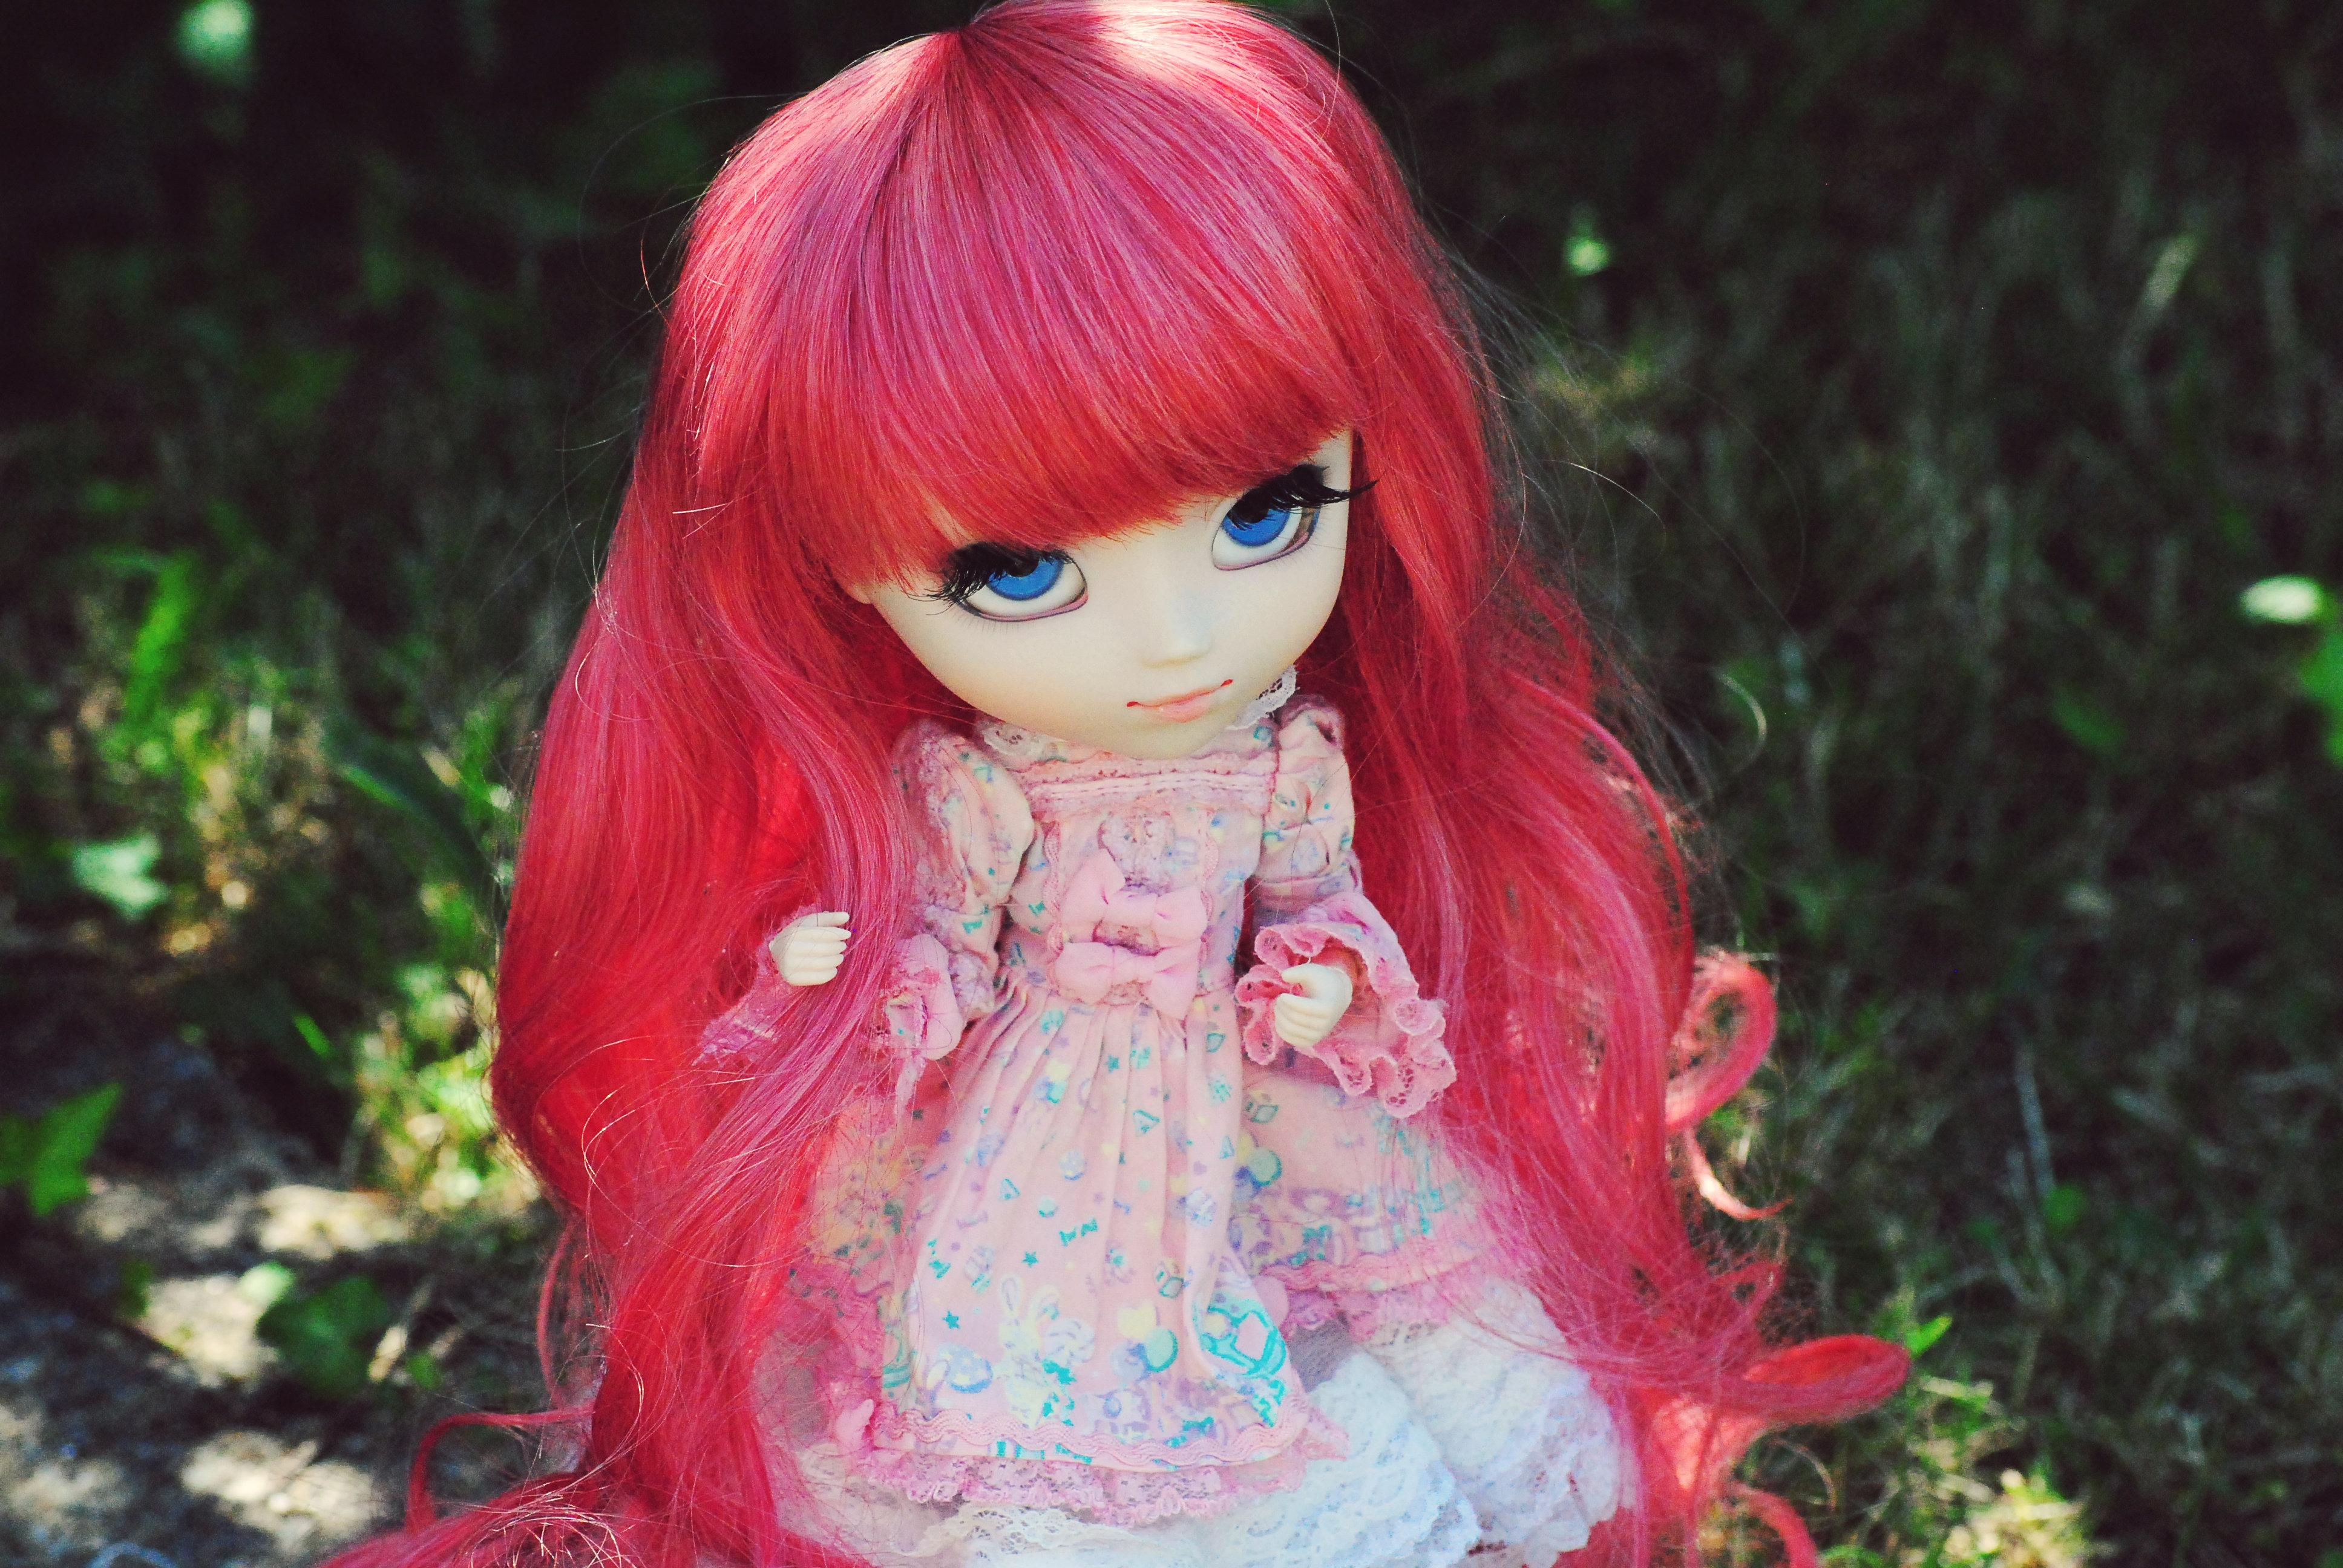 розовые картинки с куклами неприятности может